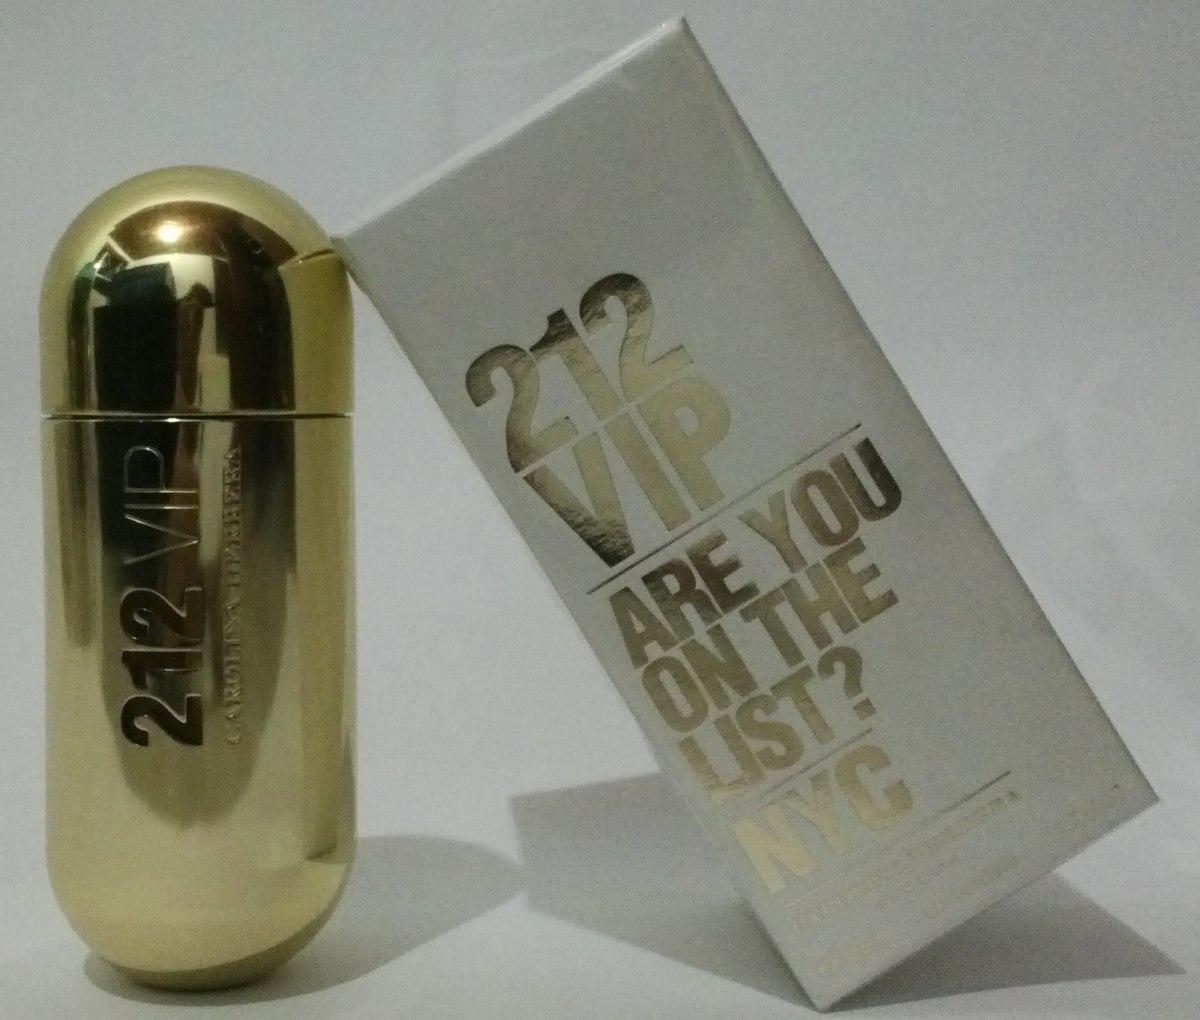 perfume 212 vip original